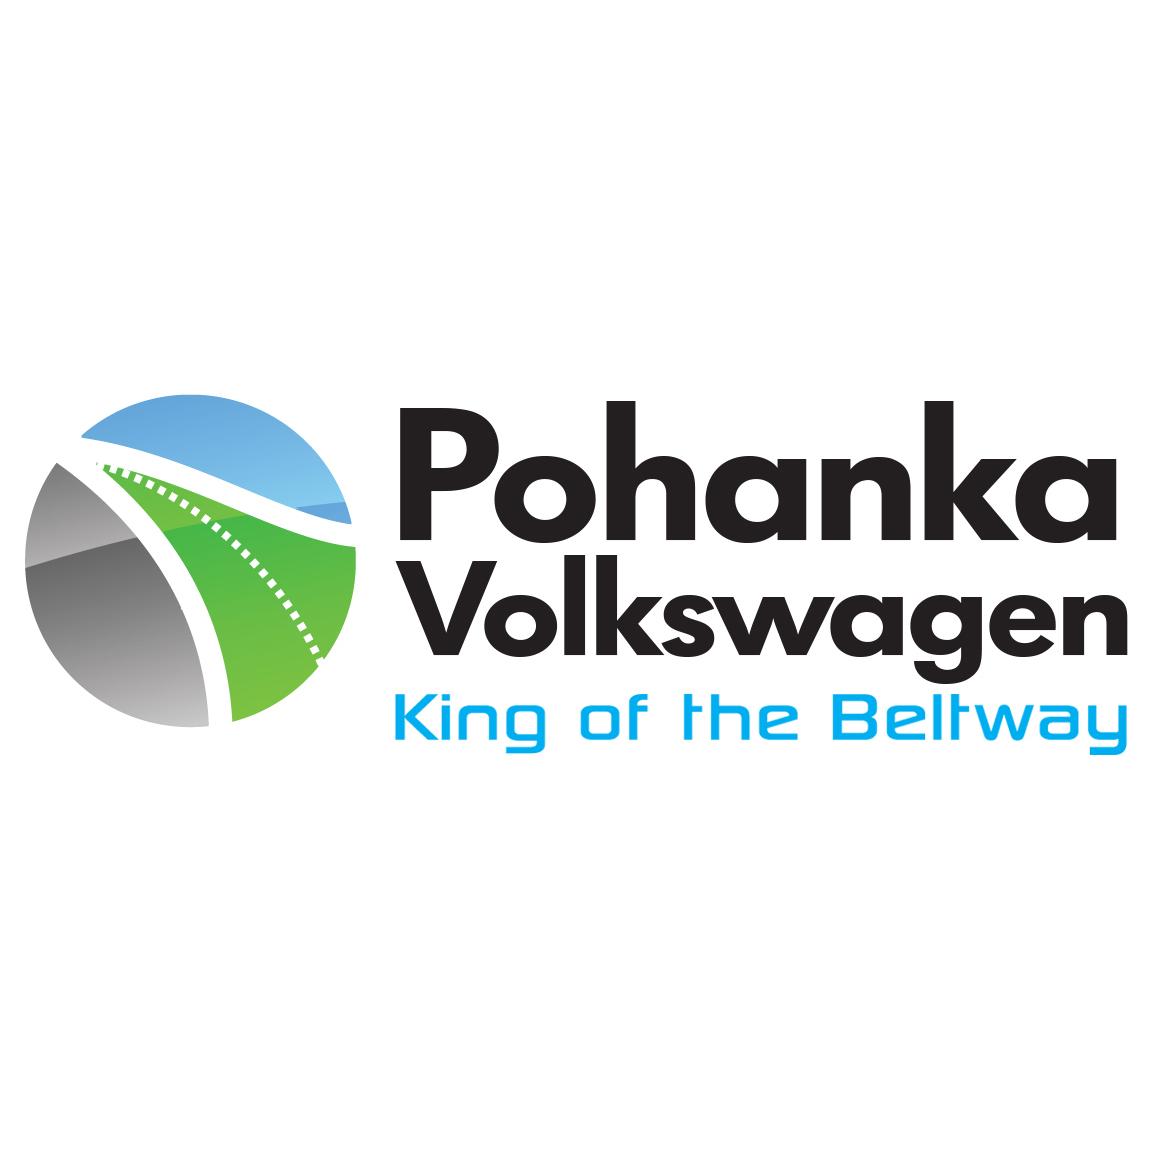 Pohanka Volkswagen